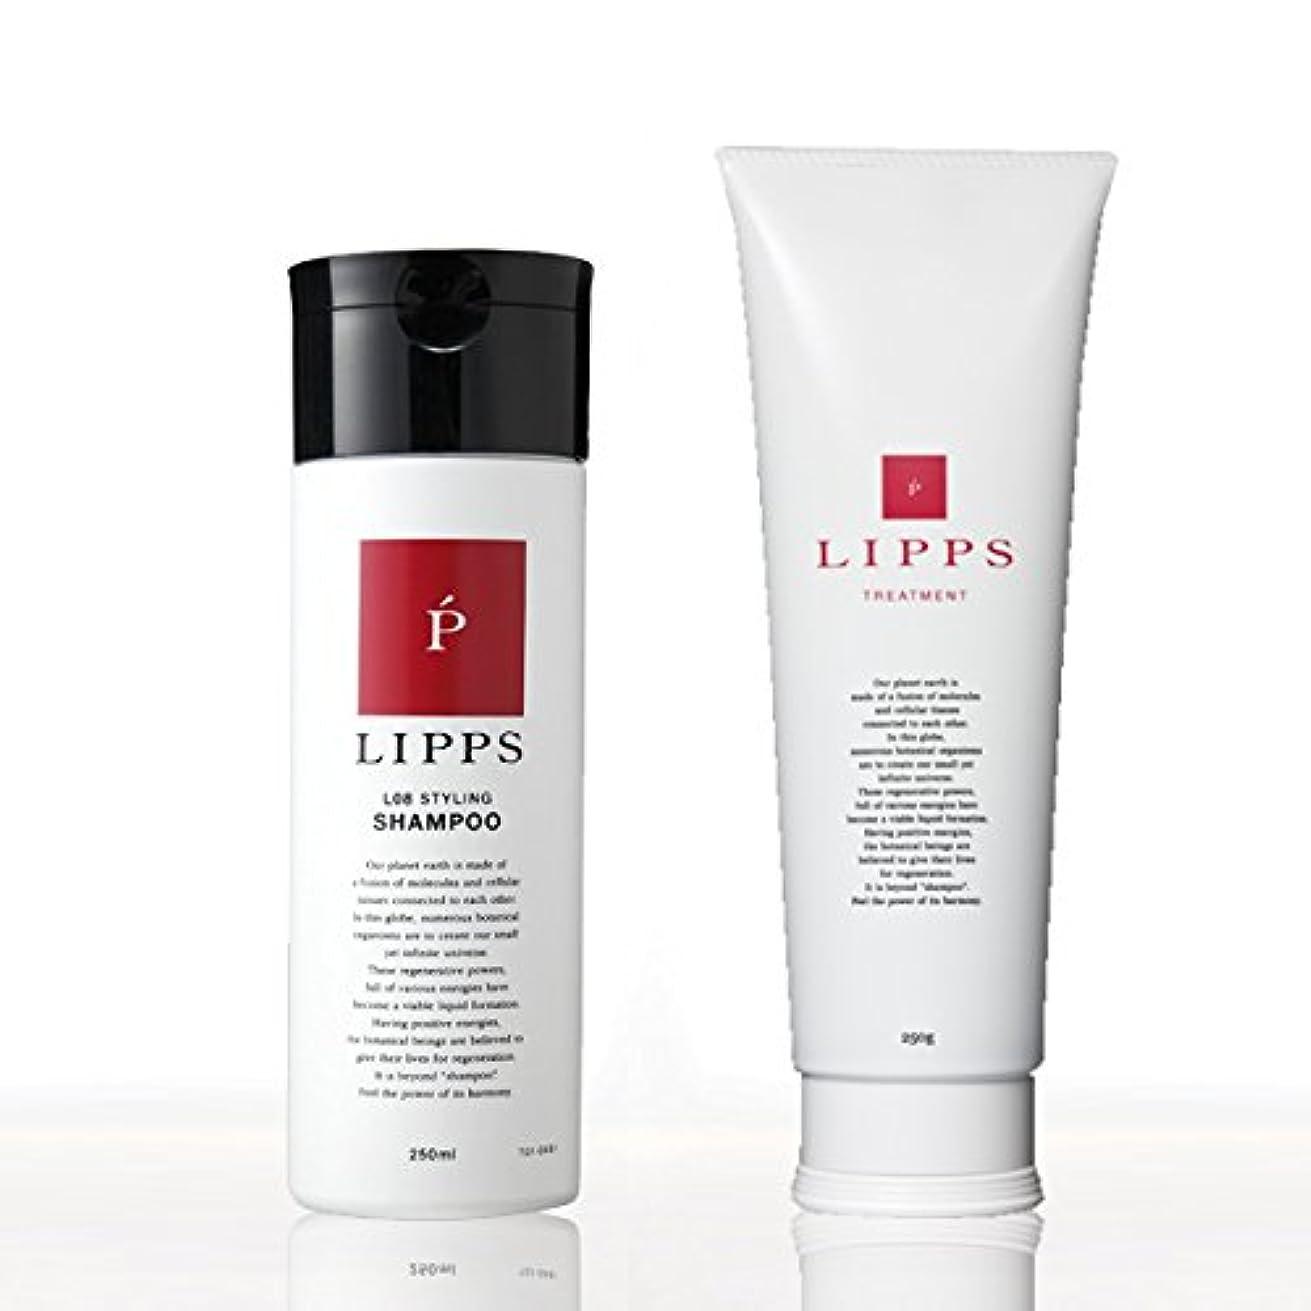 フック偽善法的【リニューアル】美容室リップス lipps L08スタイリングシャンプー(250ml)&L08トリートメントセット